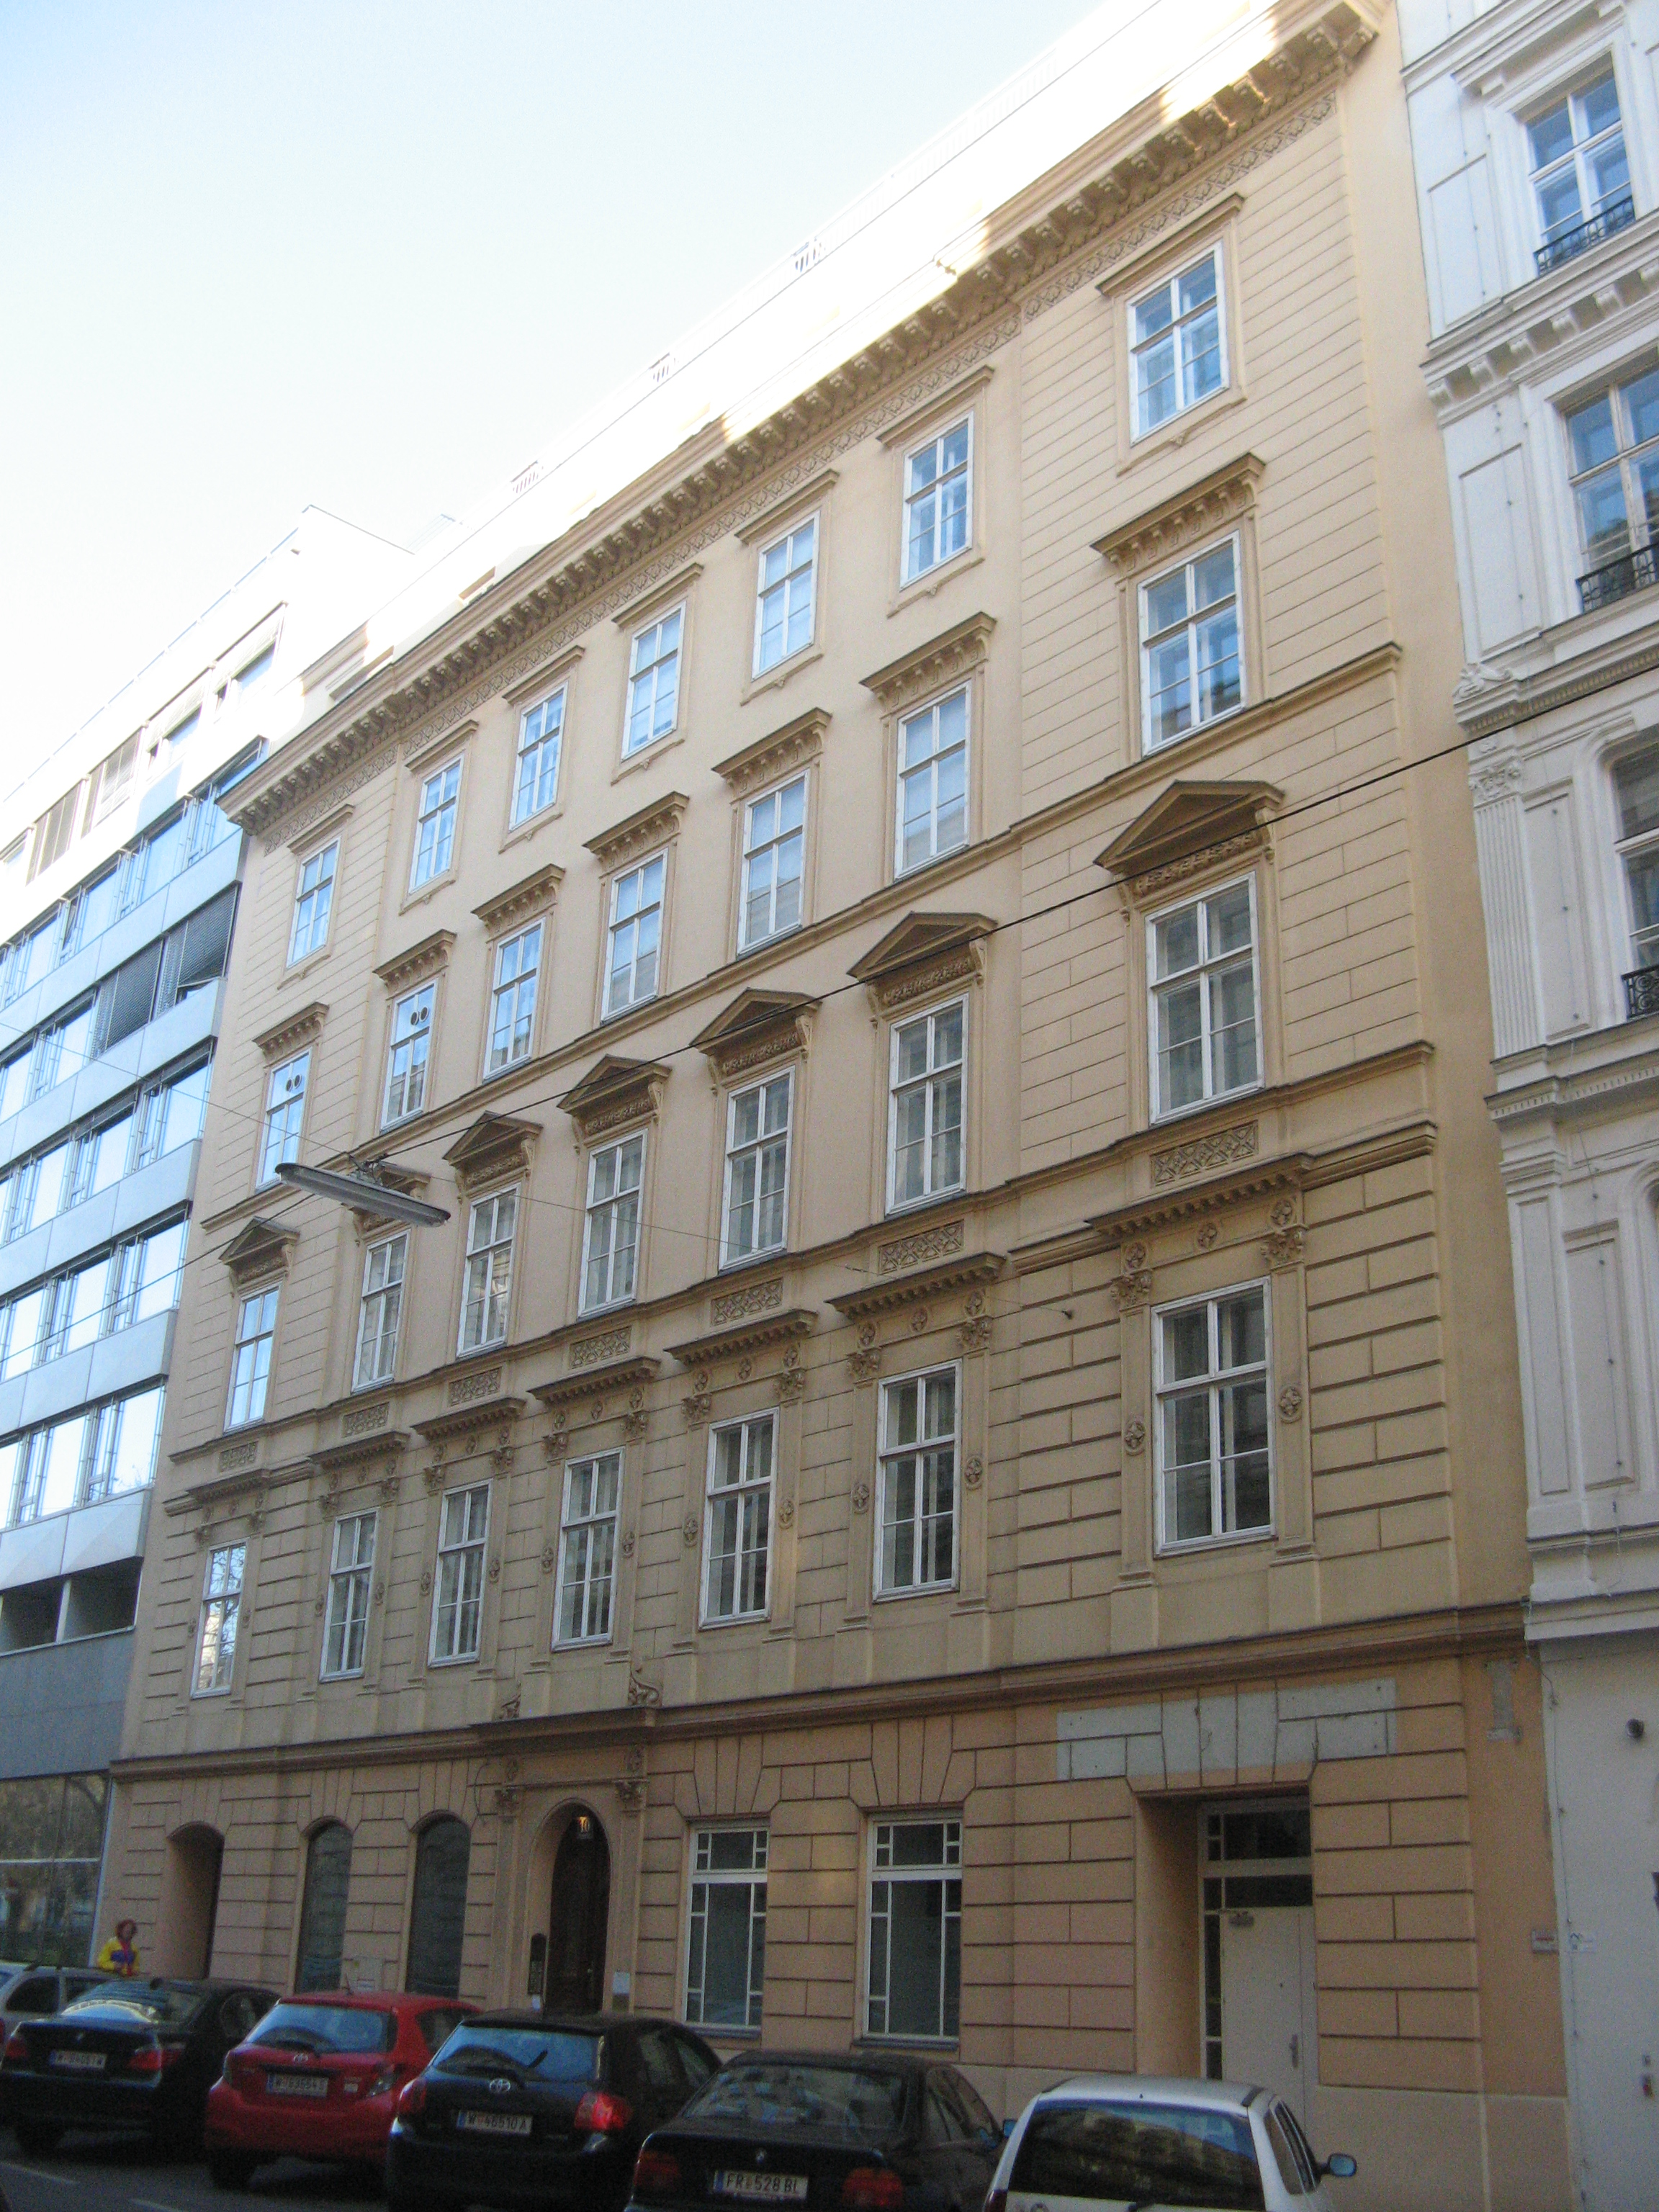 Elisabethstraße 10.JPG